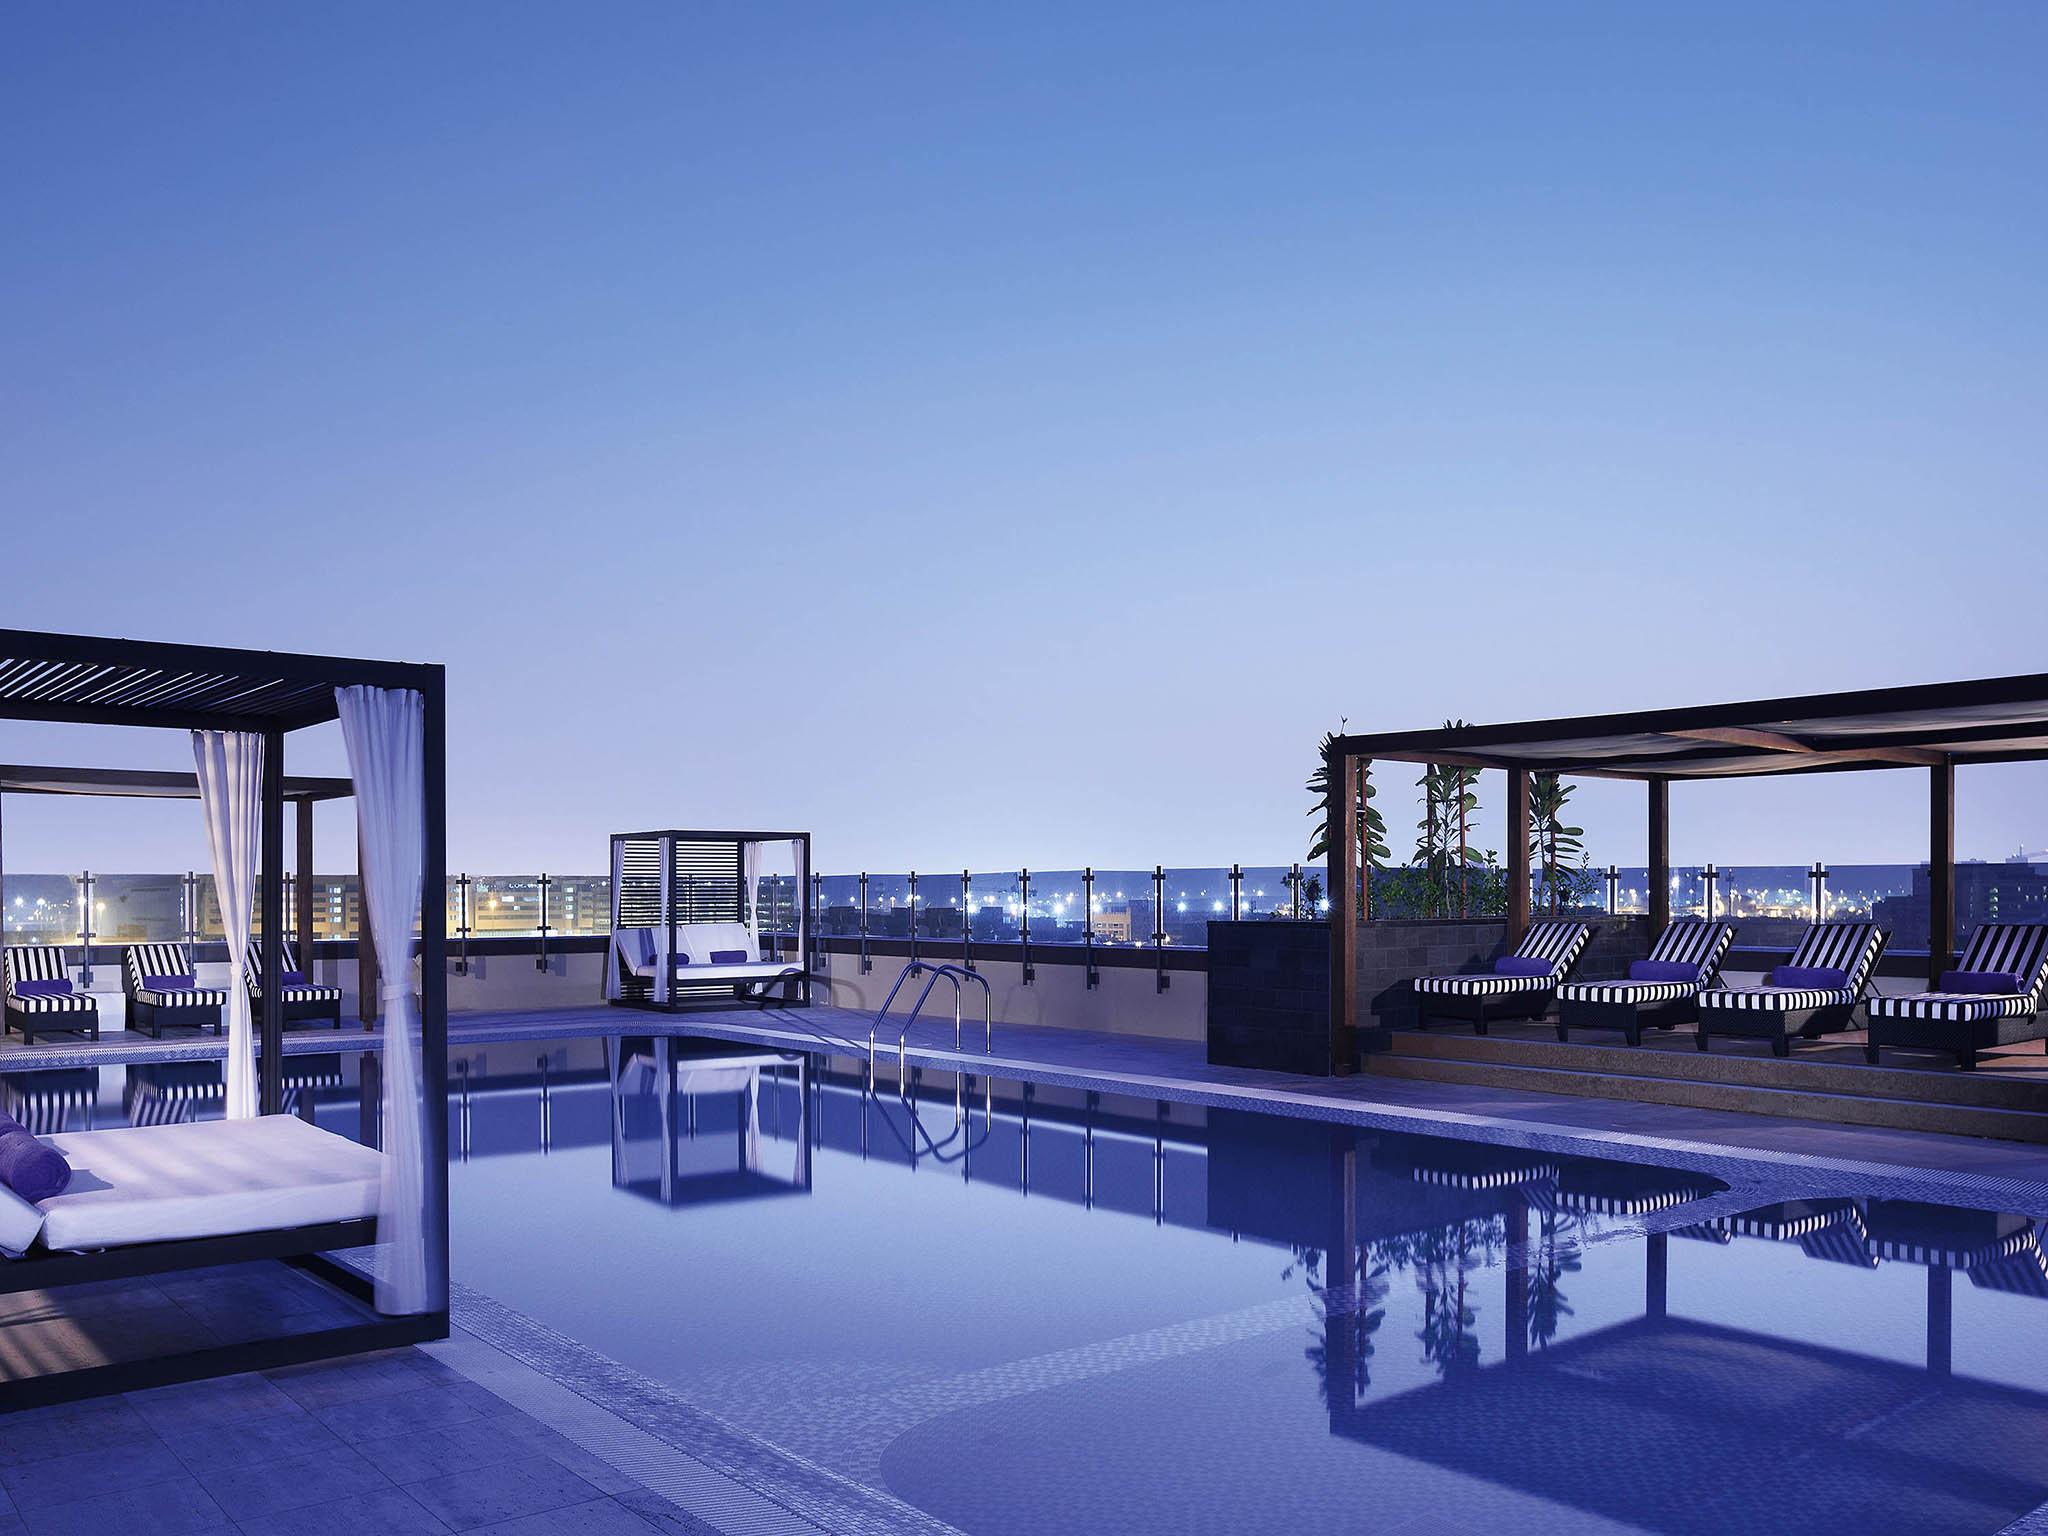 โรงแรม – พูลแมน ดูไบ ครีก ซิตี้เซ็นเตอร์